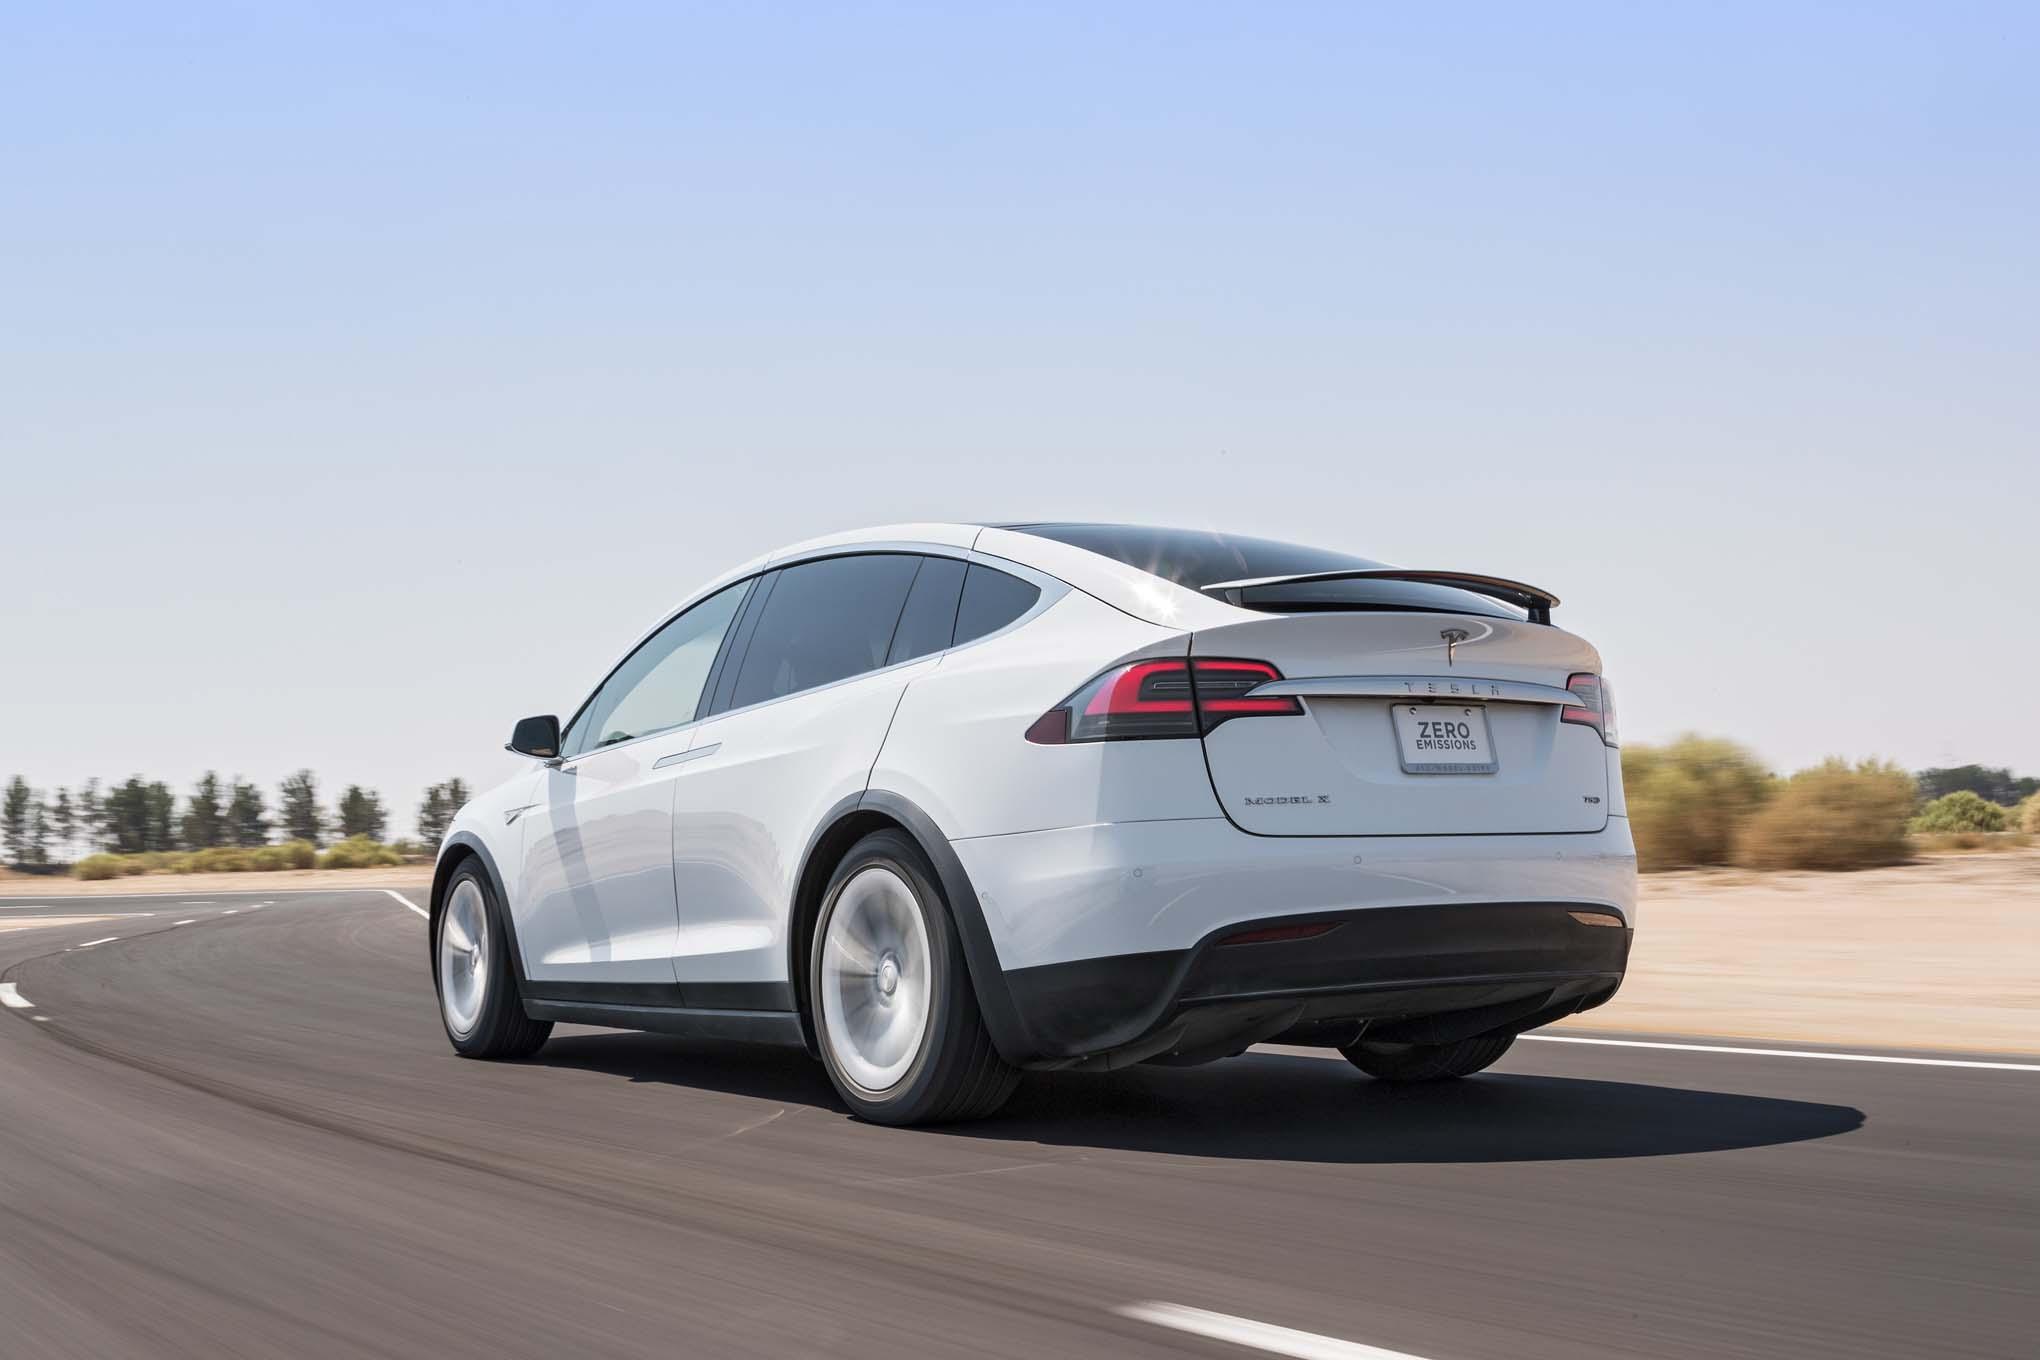 Компания Mercedes-Benz взяла в аренду электрокар Tesla, чтобы изучить его 2